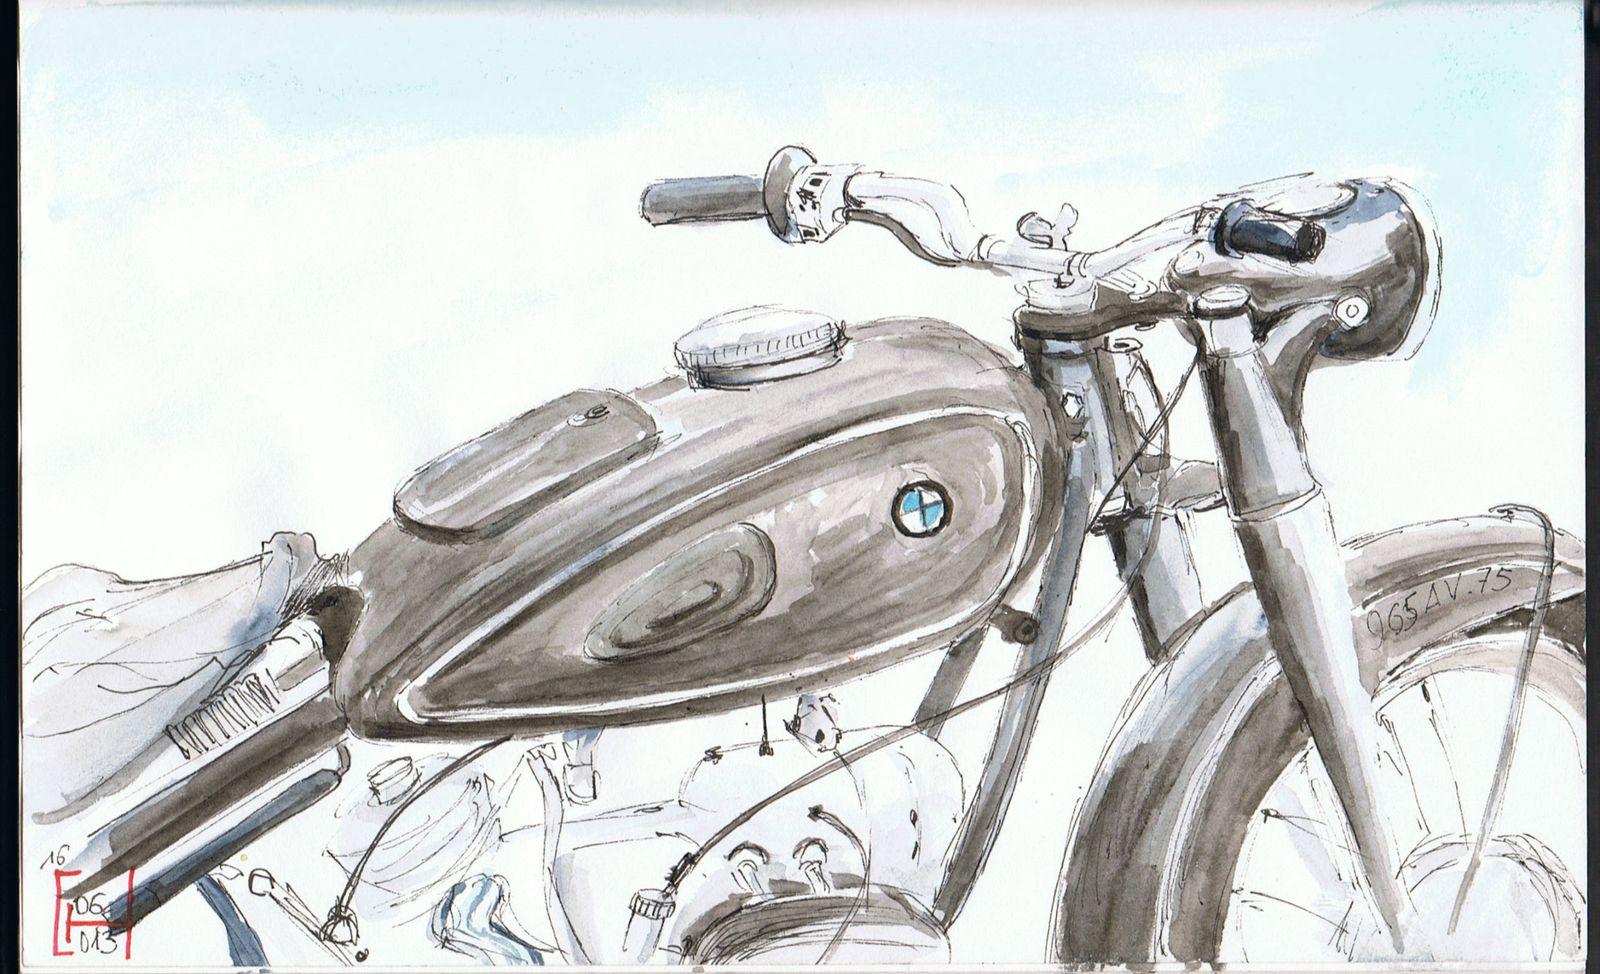 MOTOGRAPHIE.......Galerie de dessins et peintures de motos